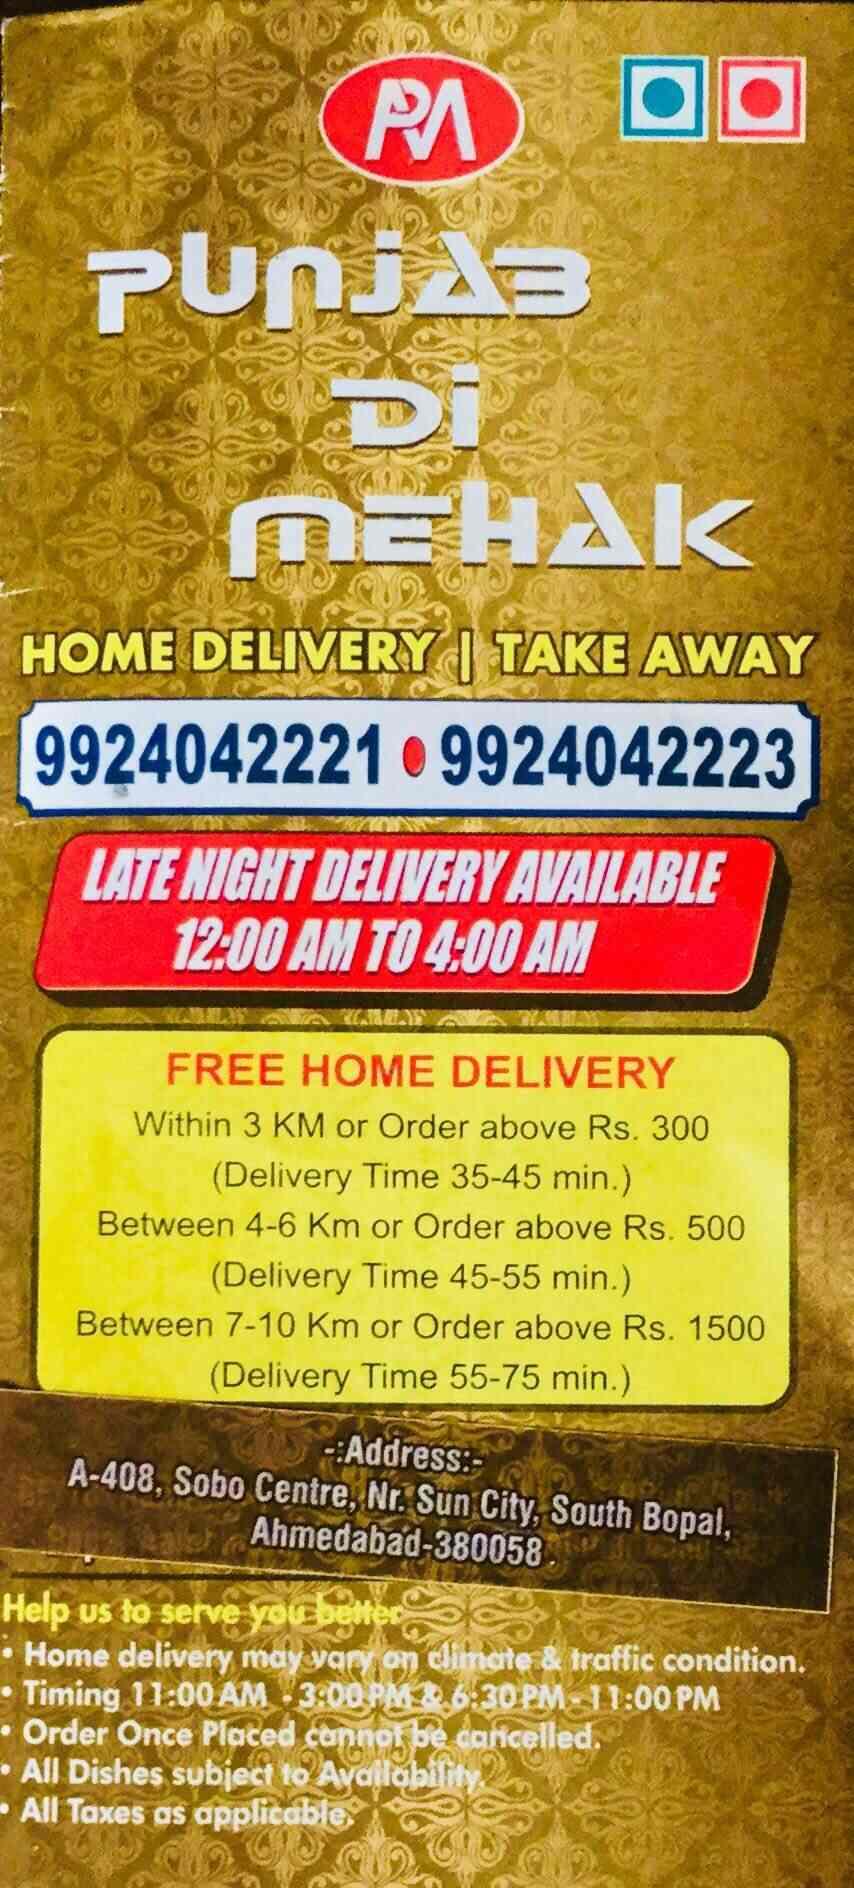 Punjab Di Mehak, Bopal, Ahmedabad - Punjabi Restaurants - Justdial